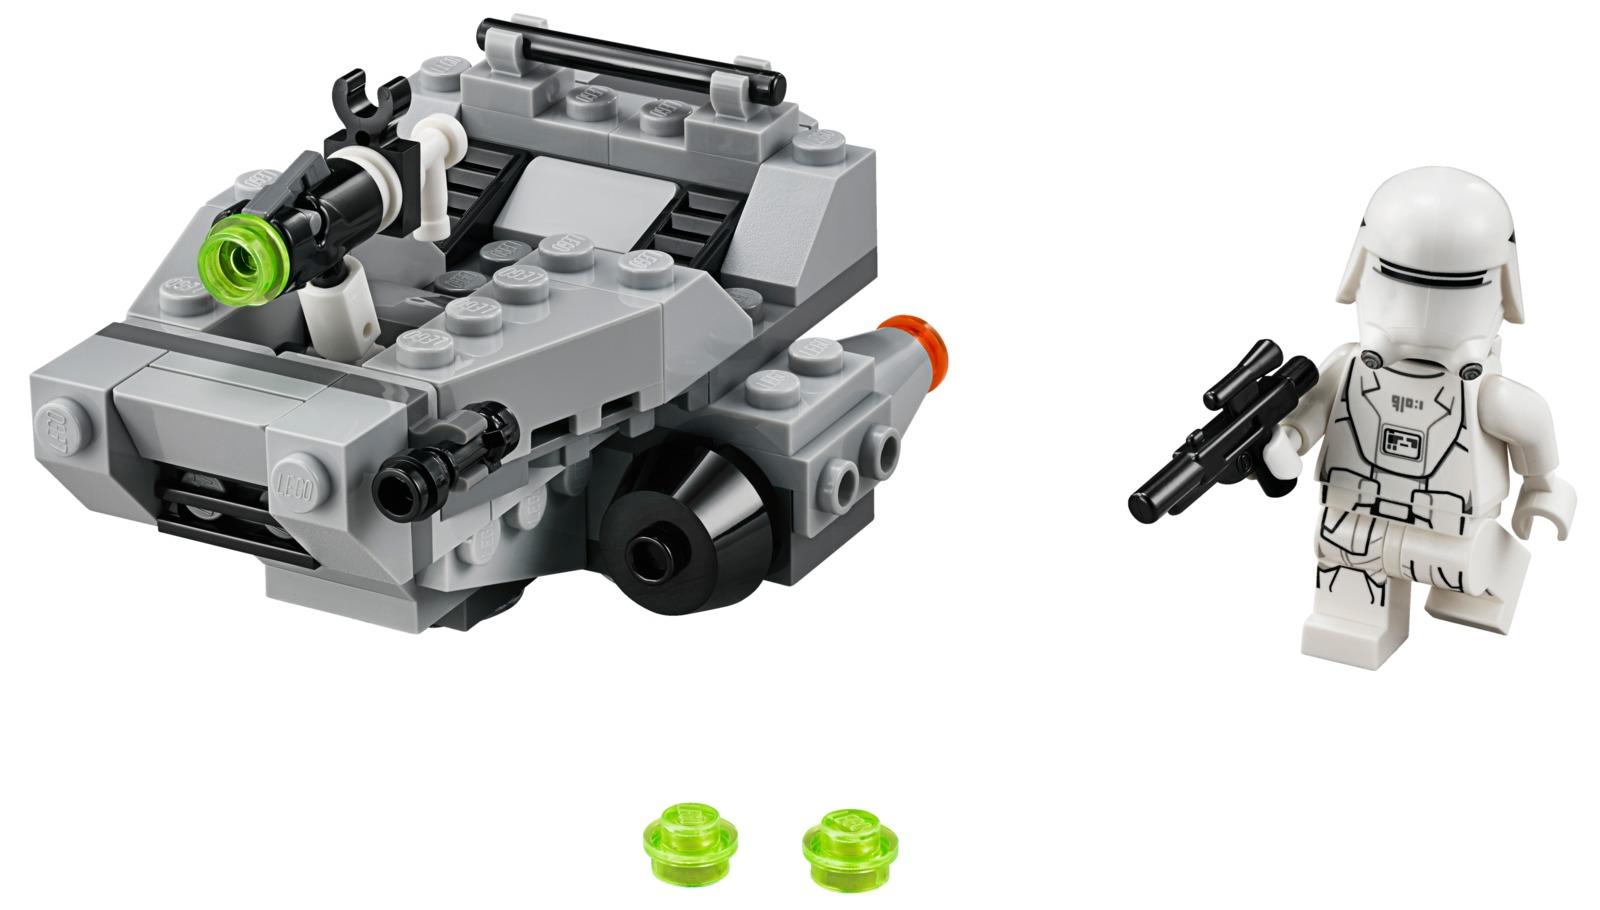 LEGO Star Wars - First Order Snowspeeder (75126) image